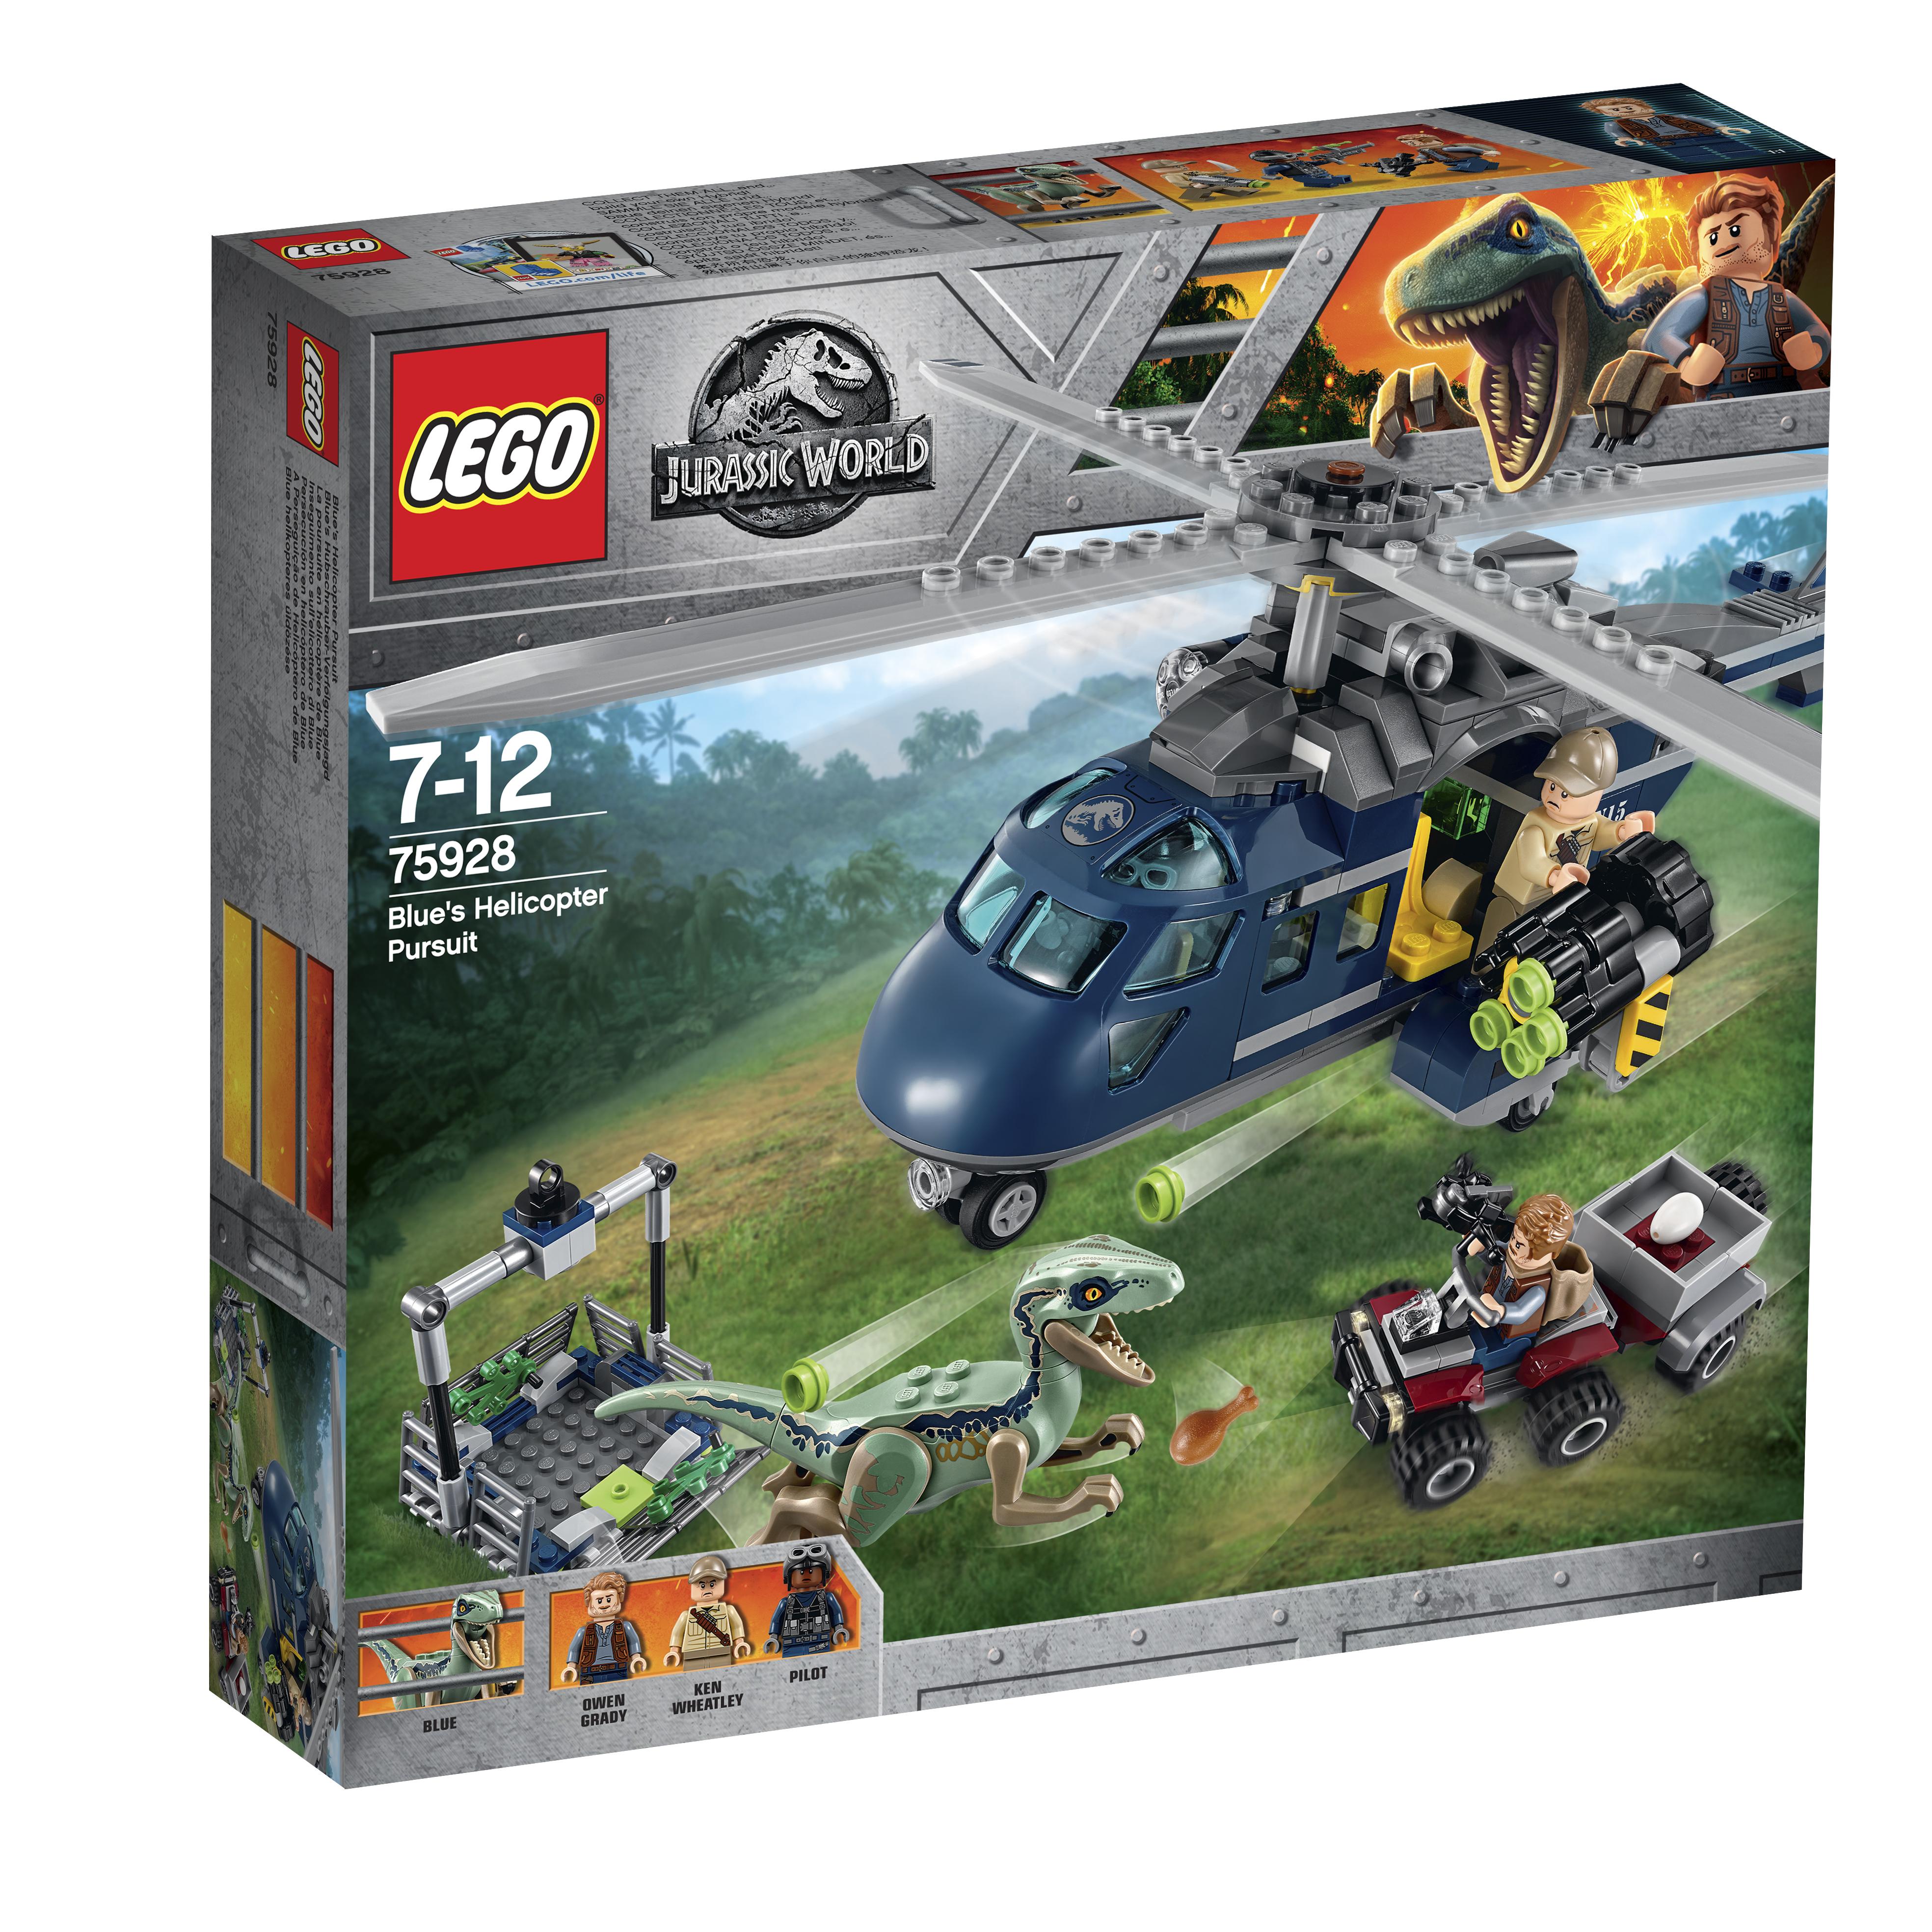 Конструктор LEGO Jurassic World 75928 Погоня за Блю на вертолёте цена 2017